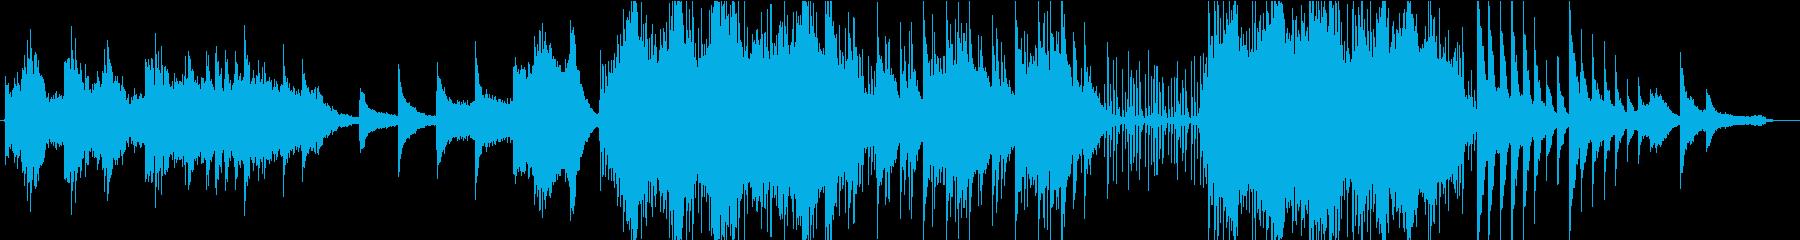 【劇伴】発覚したシーンに_サスペンスの再生済みの波形